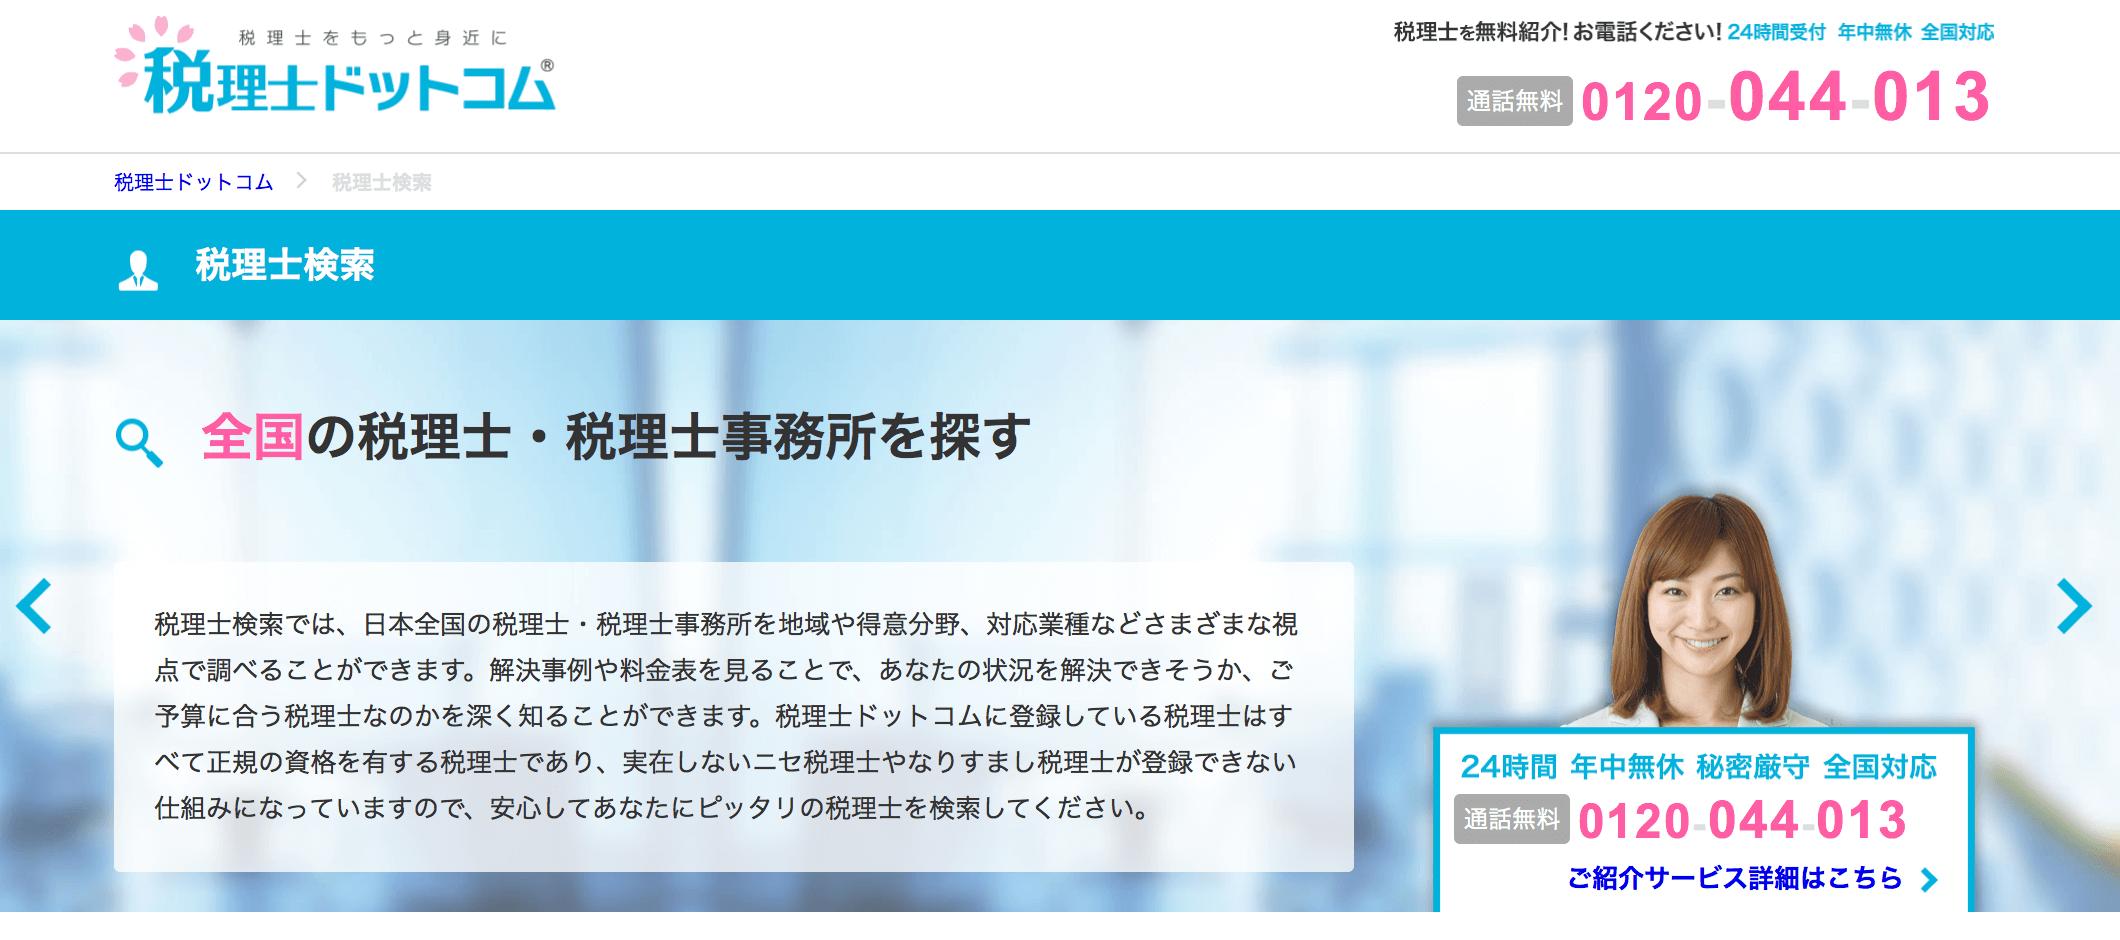 『税理士ドットコム』|無料税理士紹介サイト